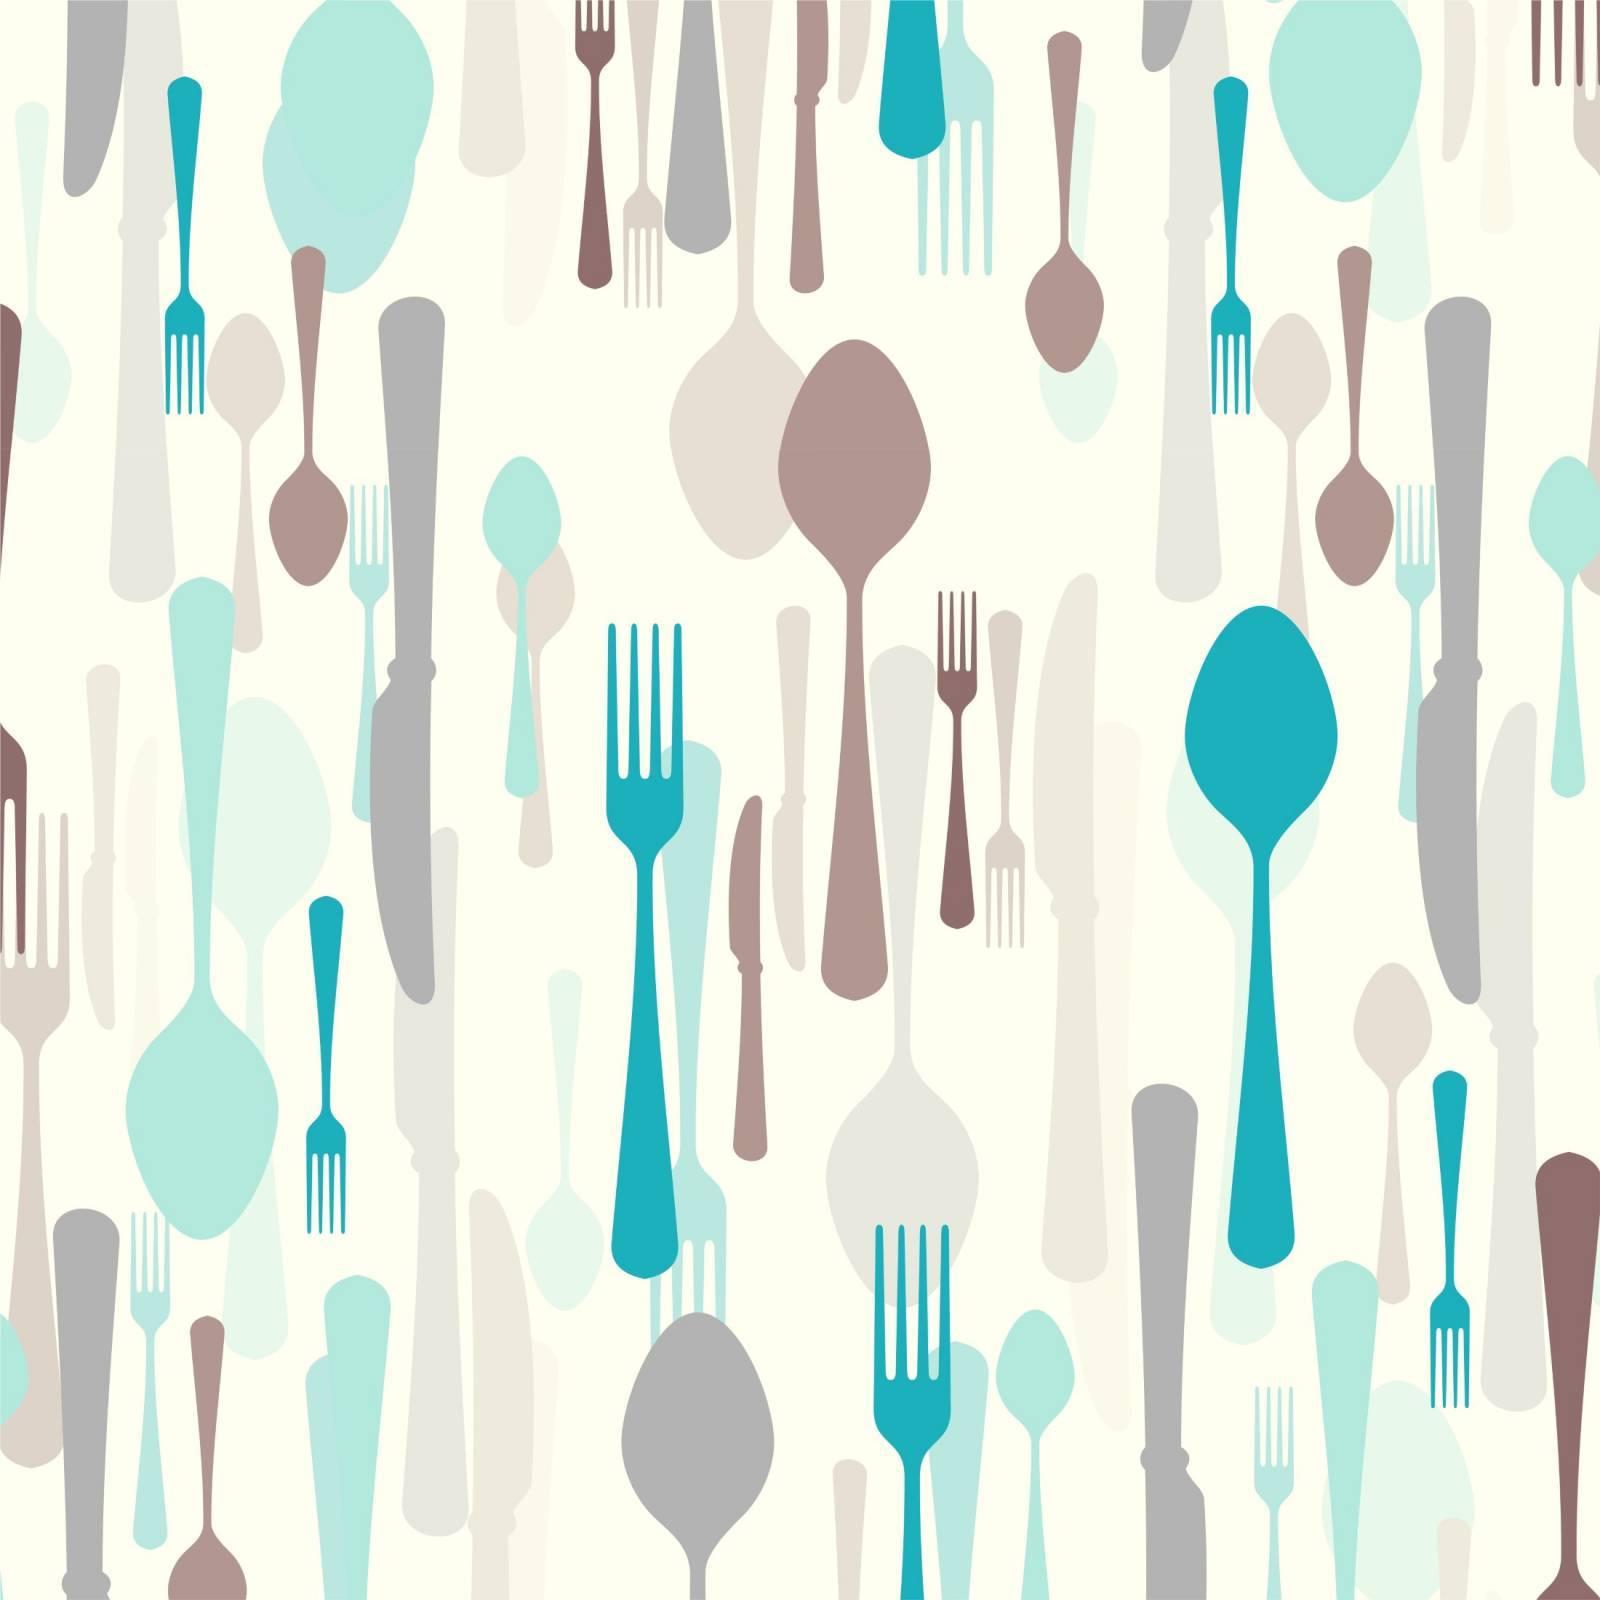 Papel de Parede Adesivo Gourmet Cozinha /Rolo imagem 1